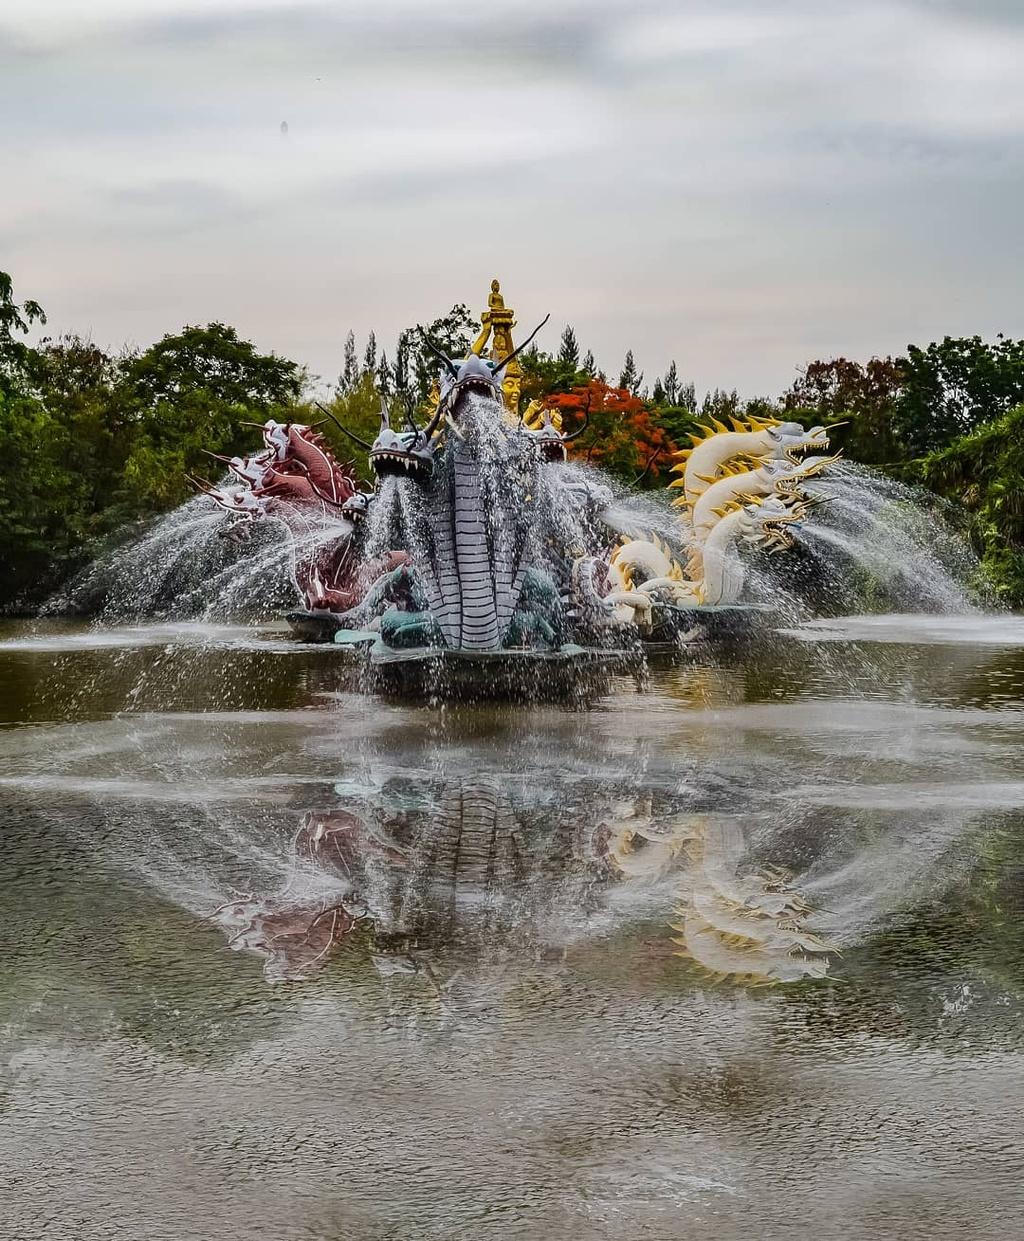 Thuy quai bao quanh ngoi den trong thanh co o Thai Lan hinh anh 6